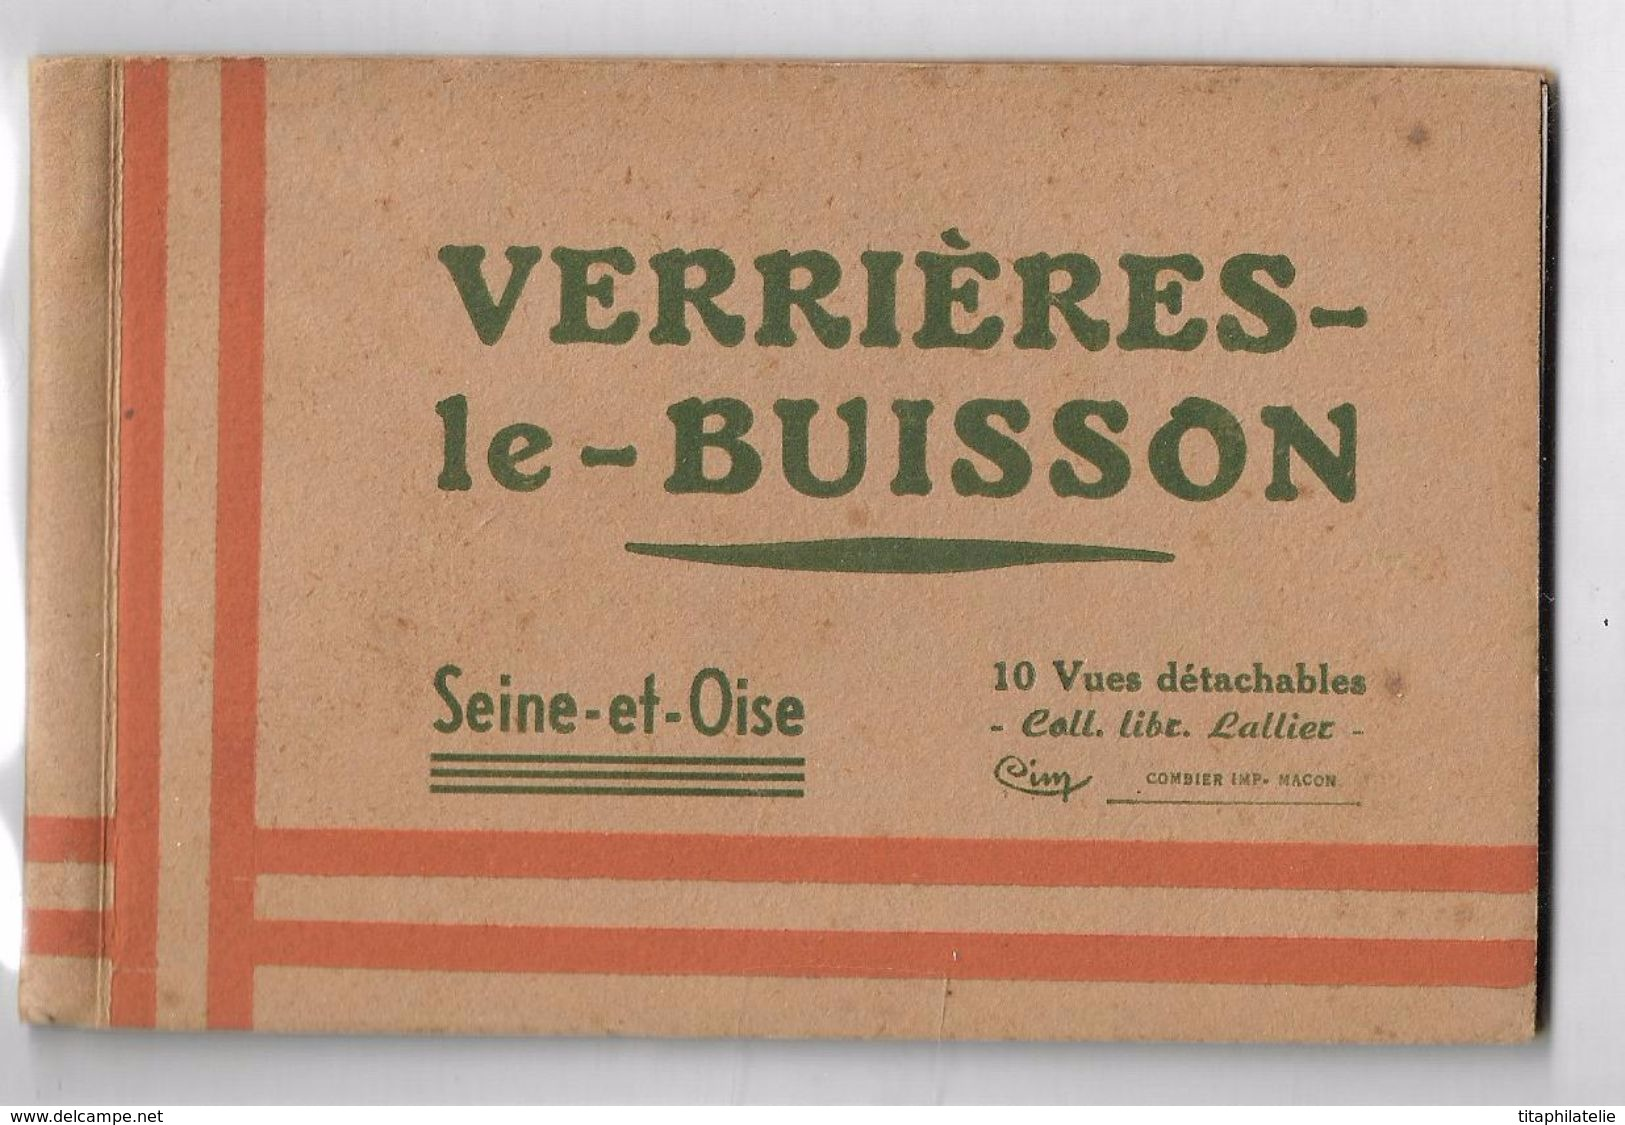 Verrières Le Buisson Seine Et Oise Puis Essonne Carnet 10 CPA Couleur Coll Libr Lallier 10 Vues Détachables - Verrieres Le Buisson